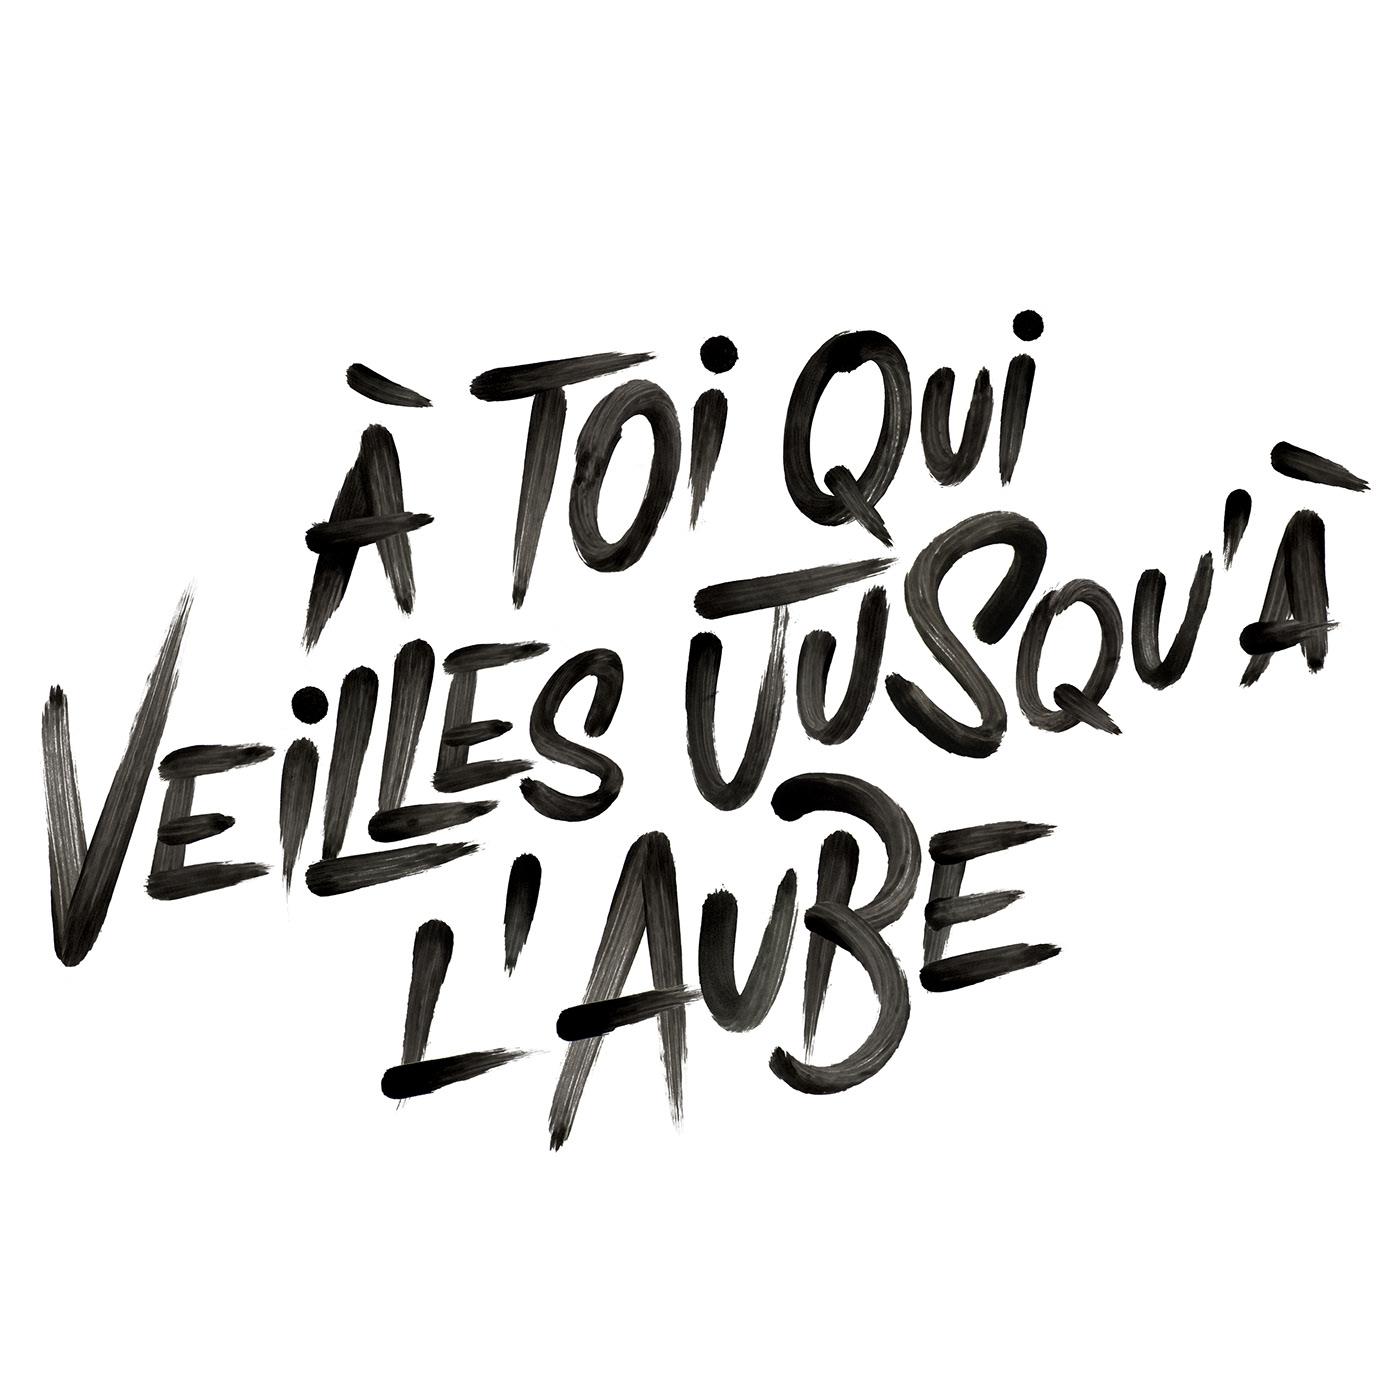 Sécurité Routière X Solidays Festival on Behance